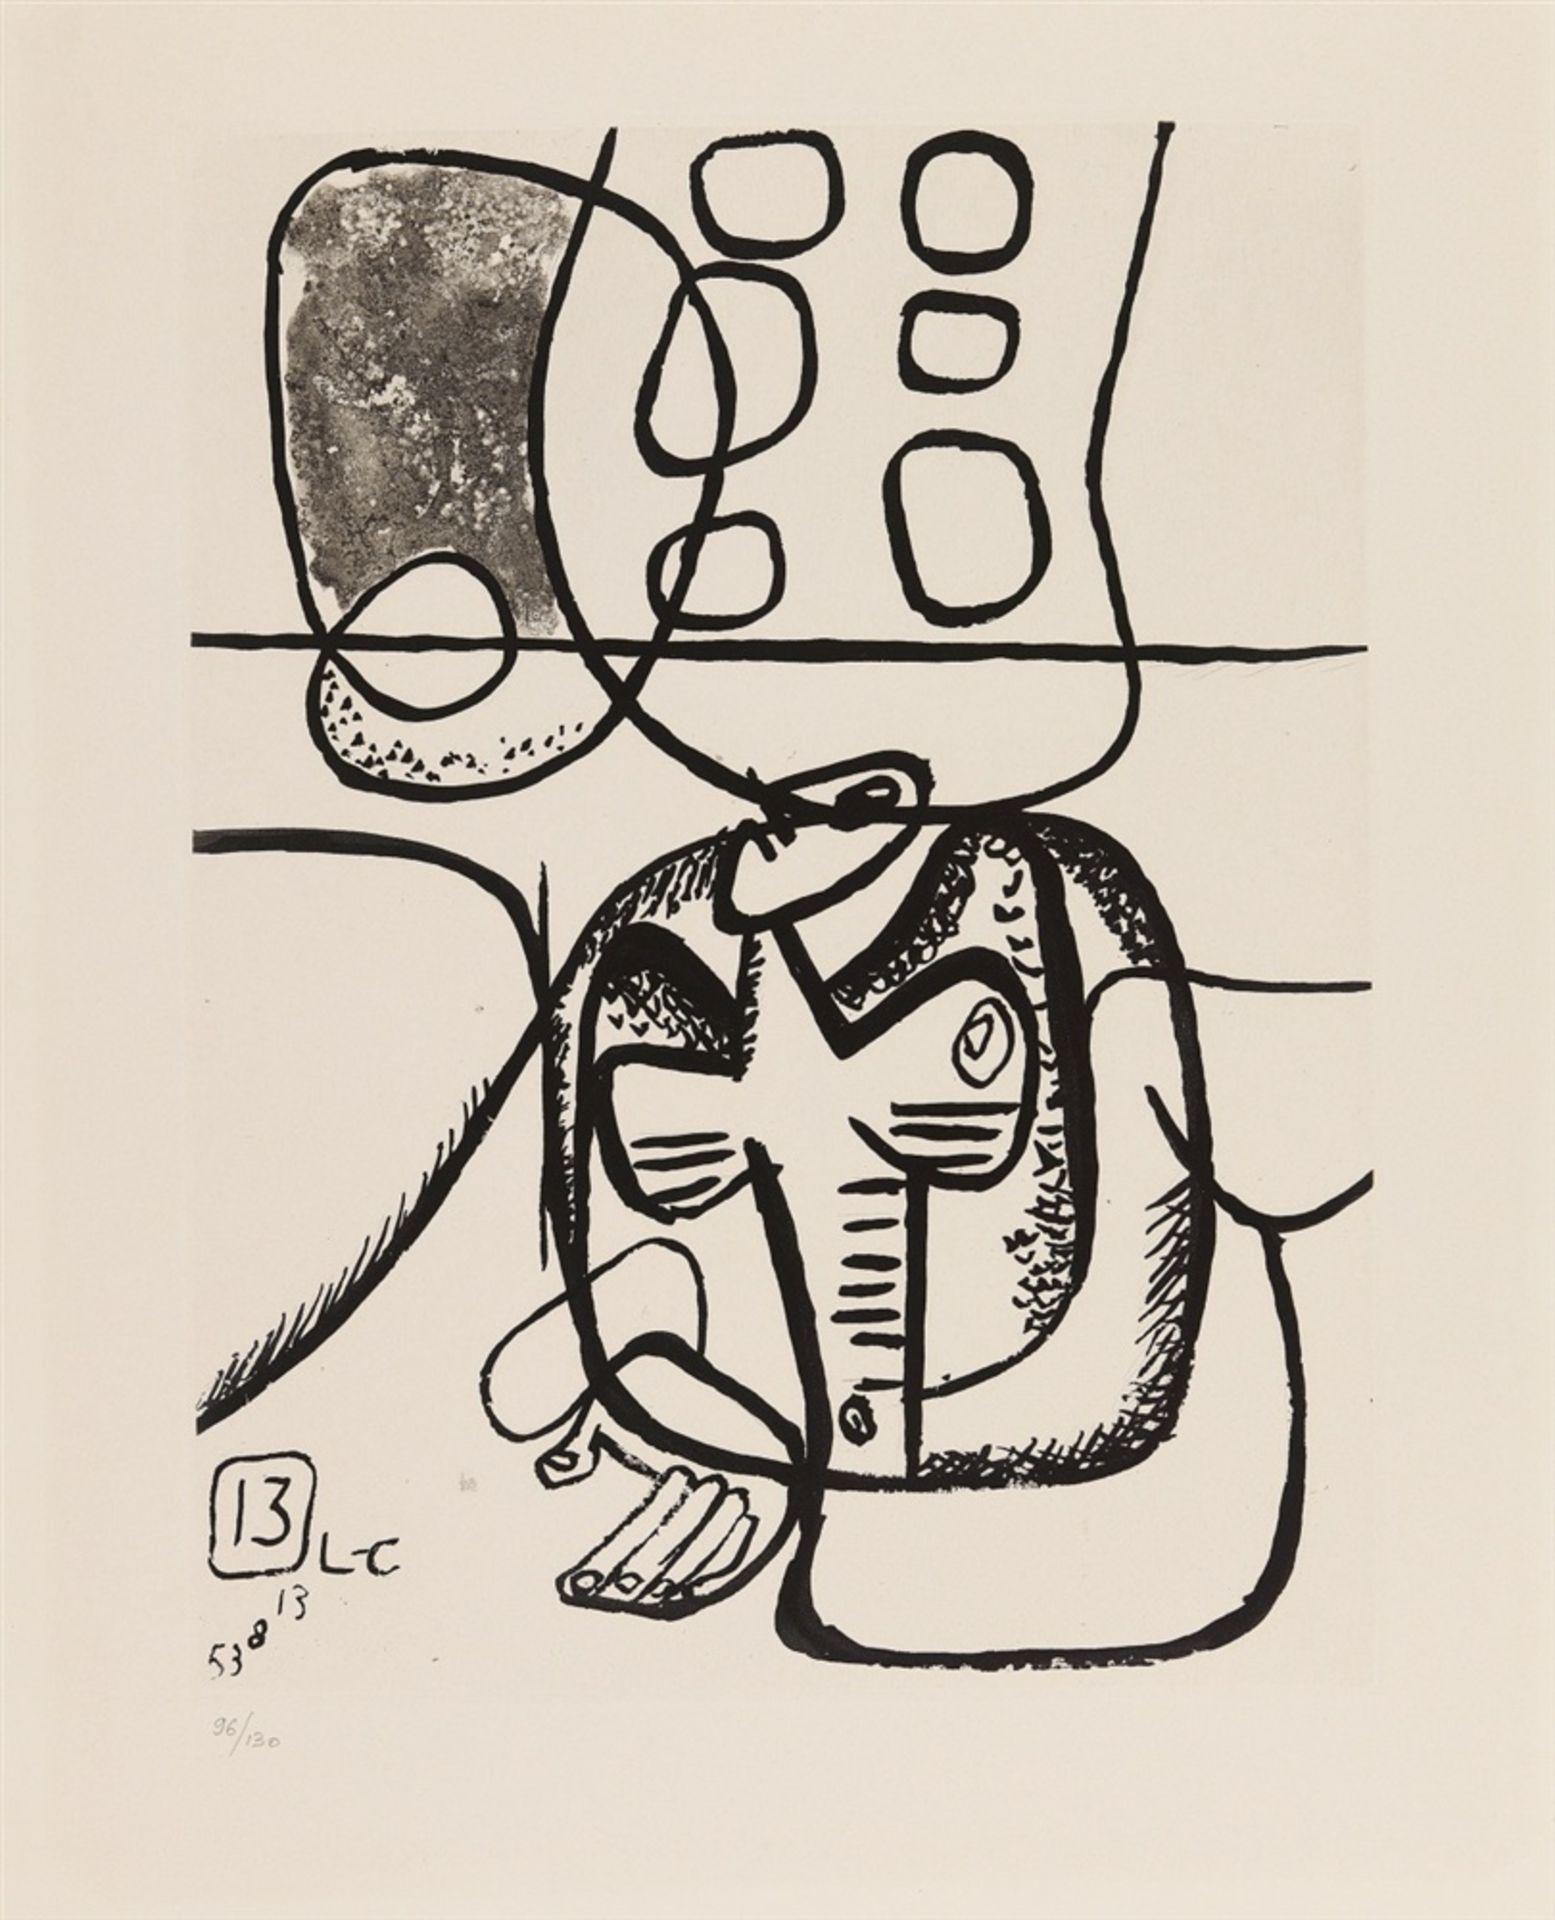 Le Corbusier (Charles-Édouard Jeanneret)Unité - Bild 9 aus 27